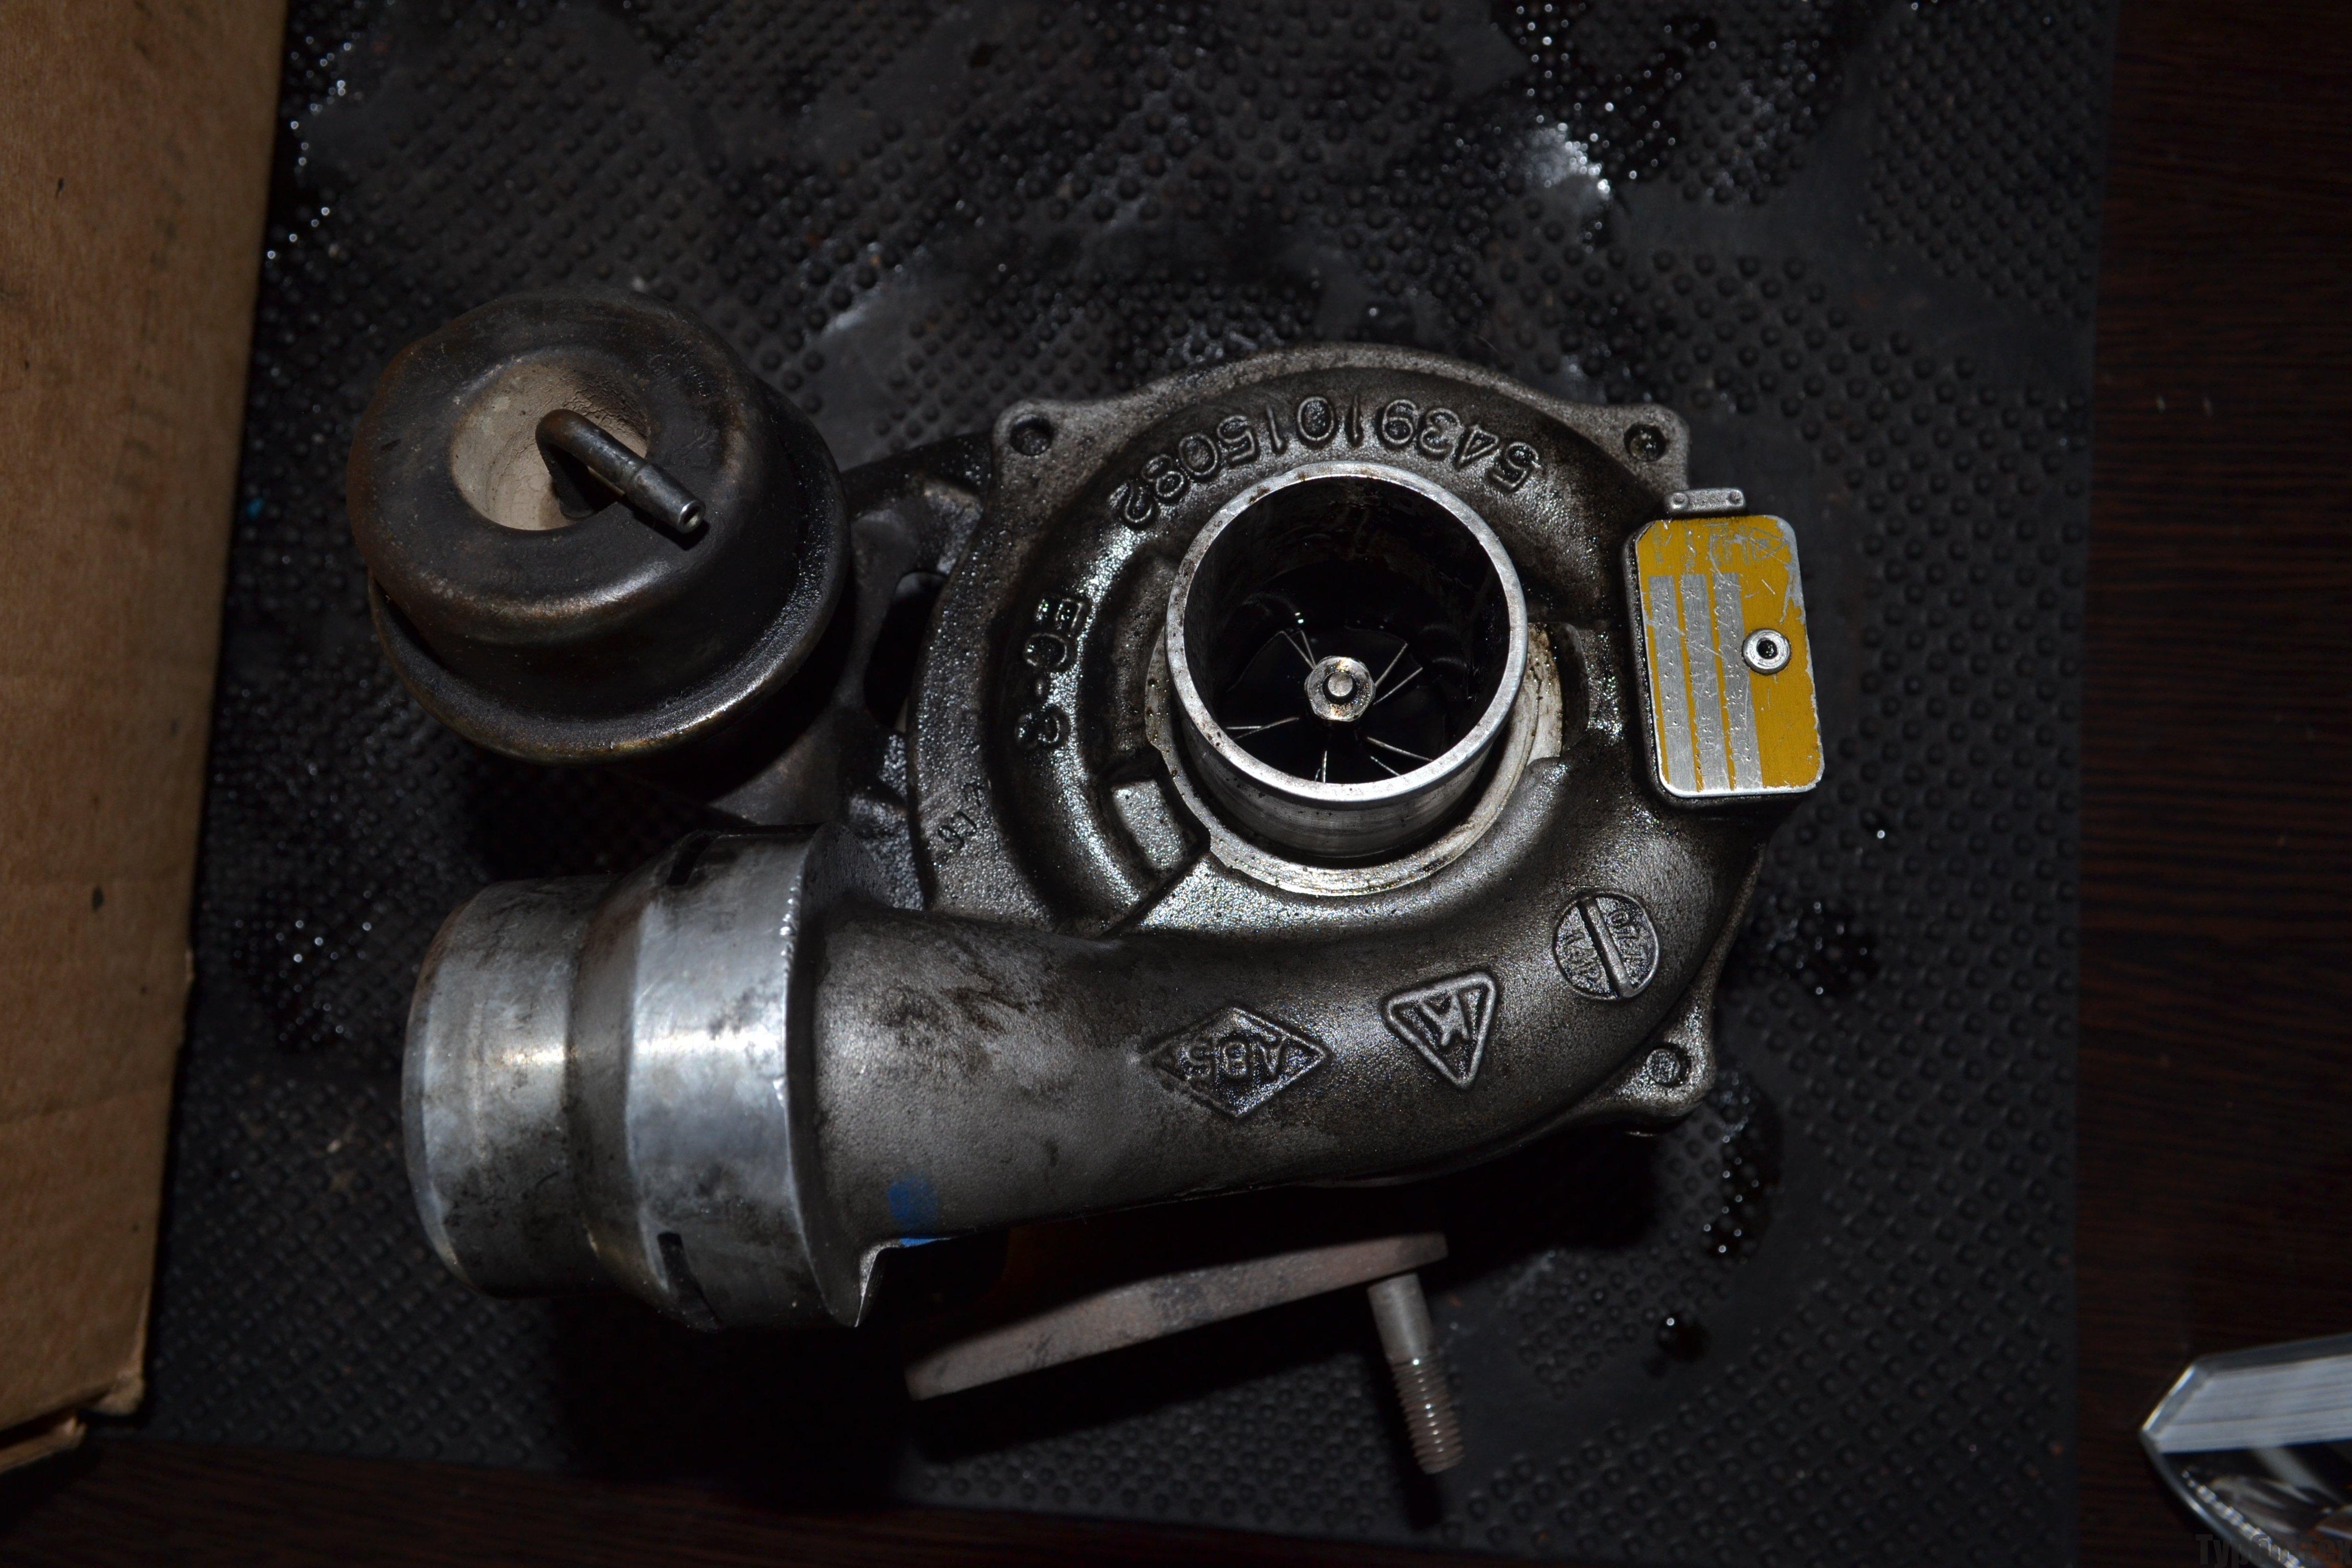 Renault Megan, рено меган, ремонт турбины, 5435-970-0012